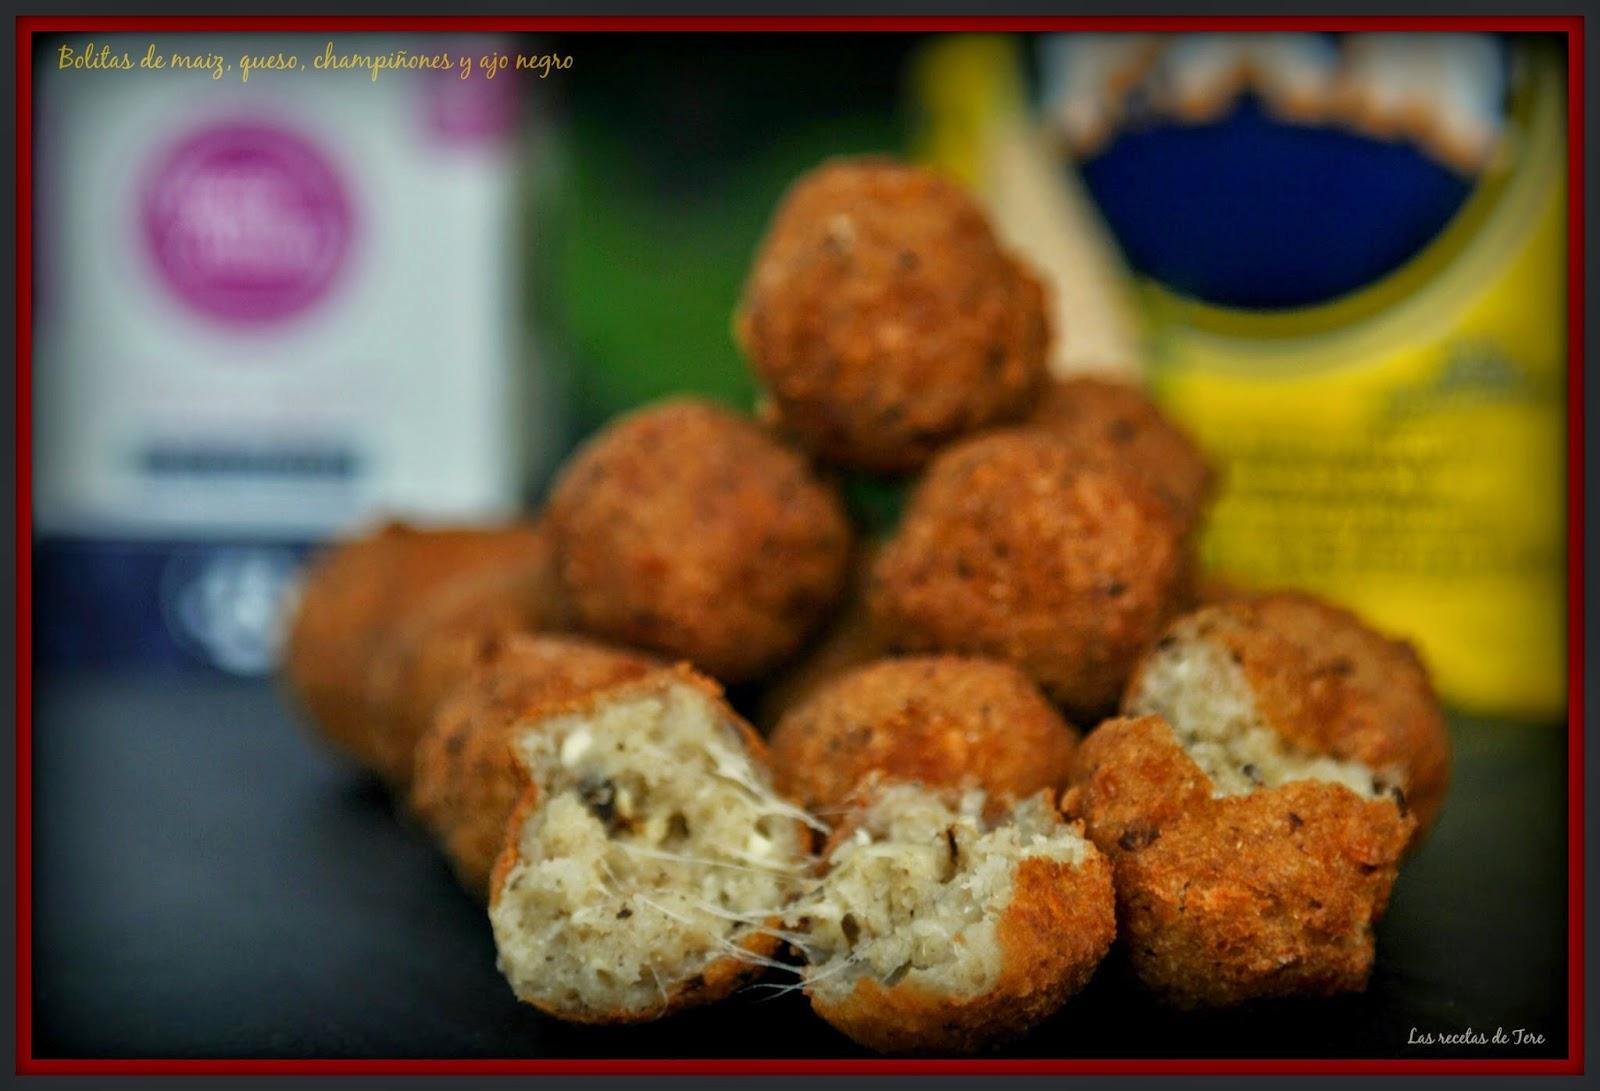 Bolitas de maiz queso champiñones y ajo negro 03